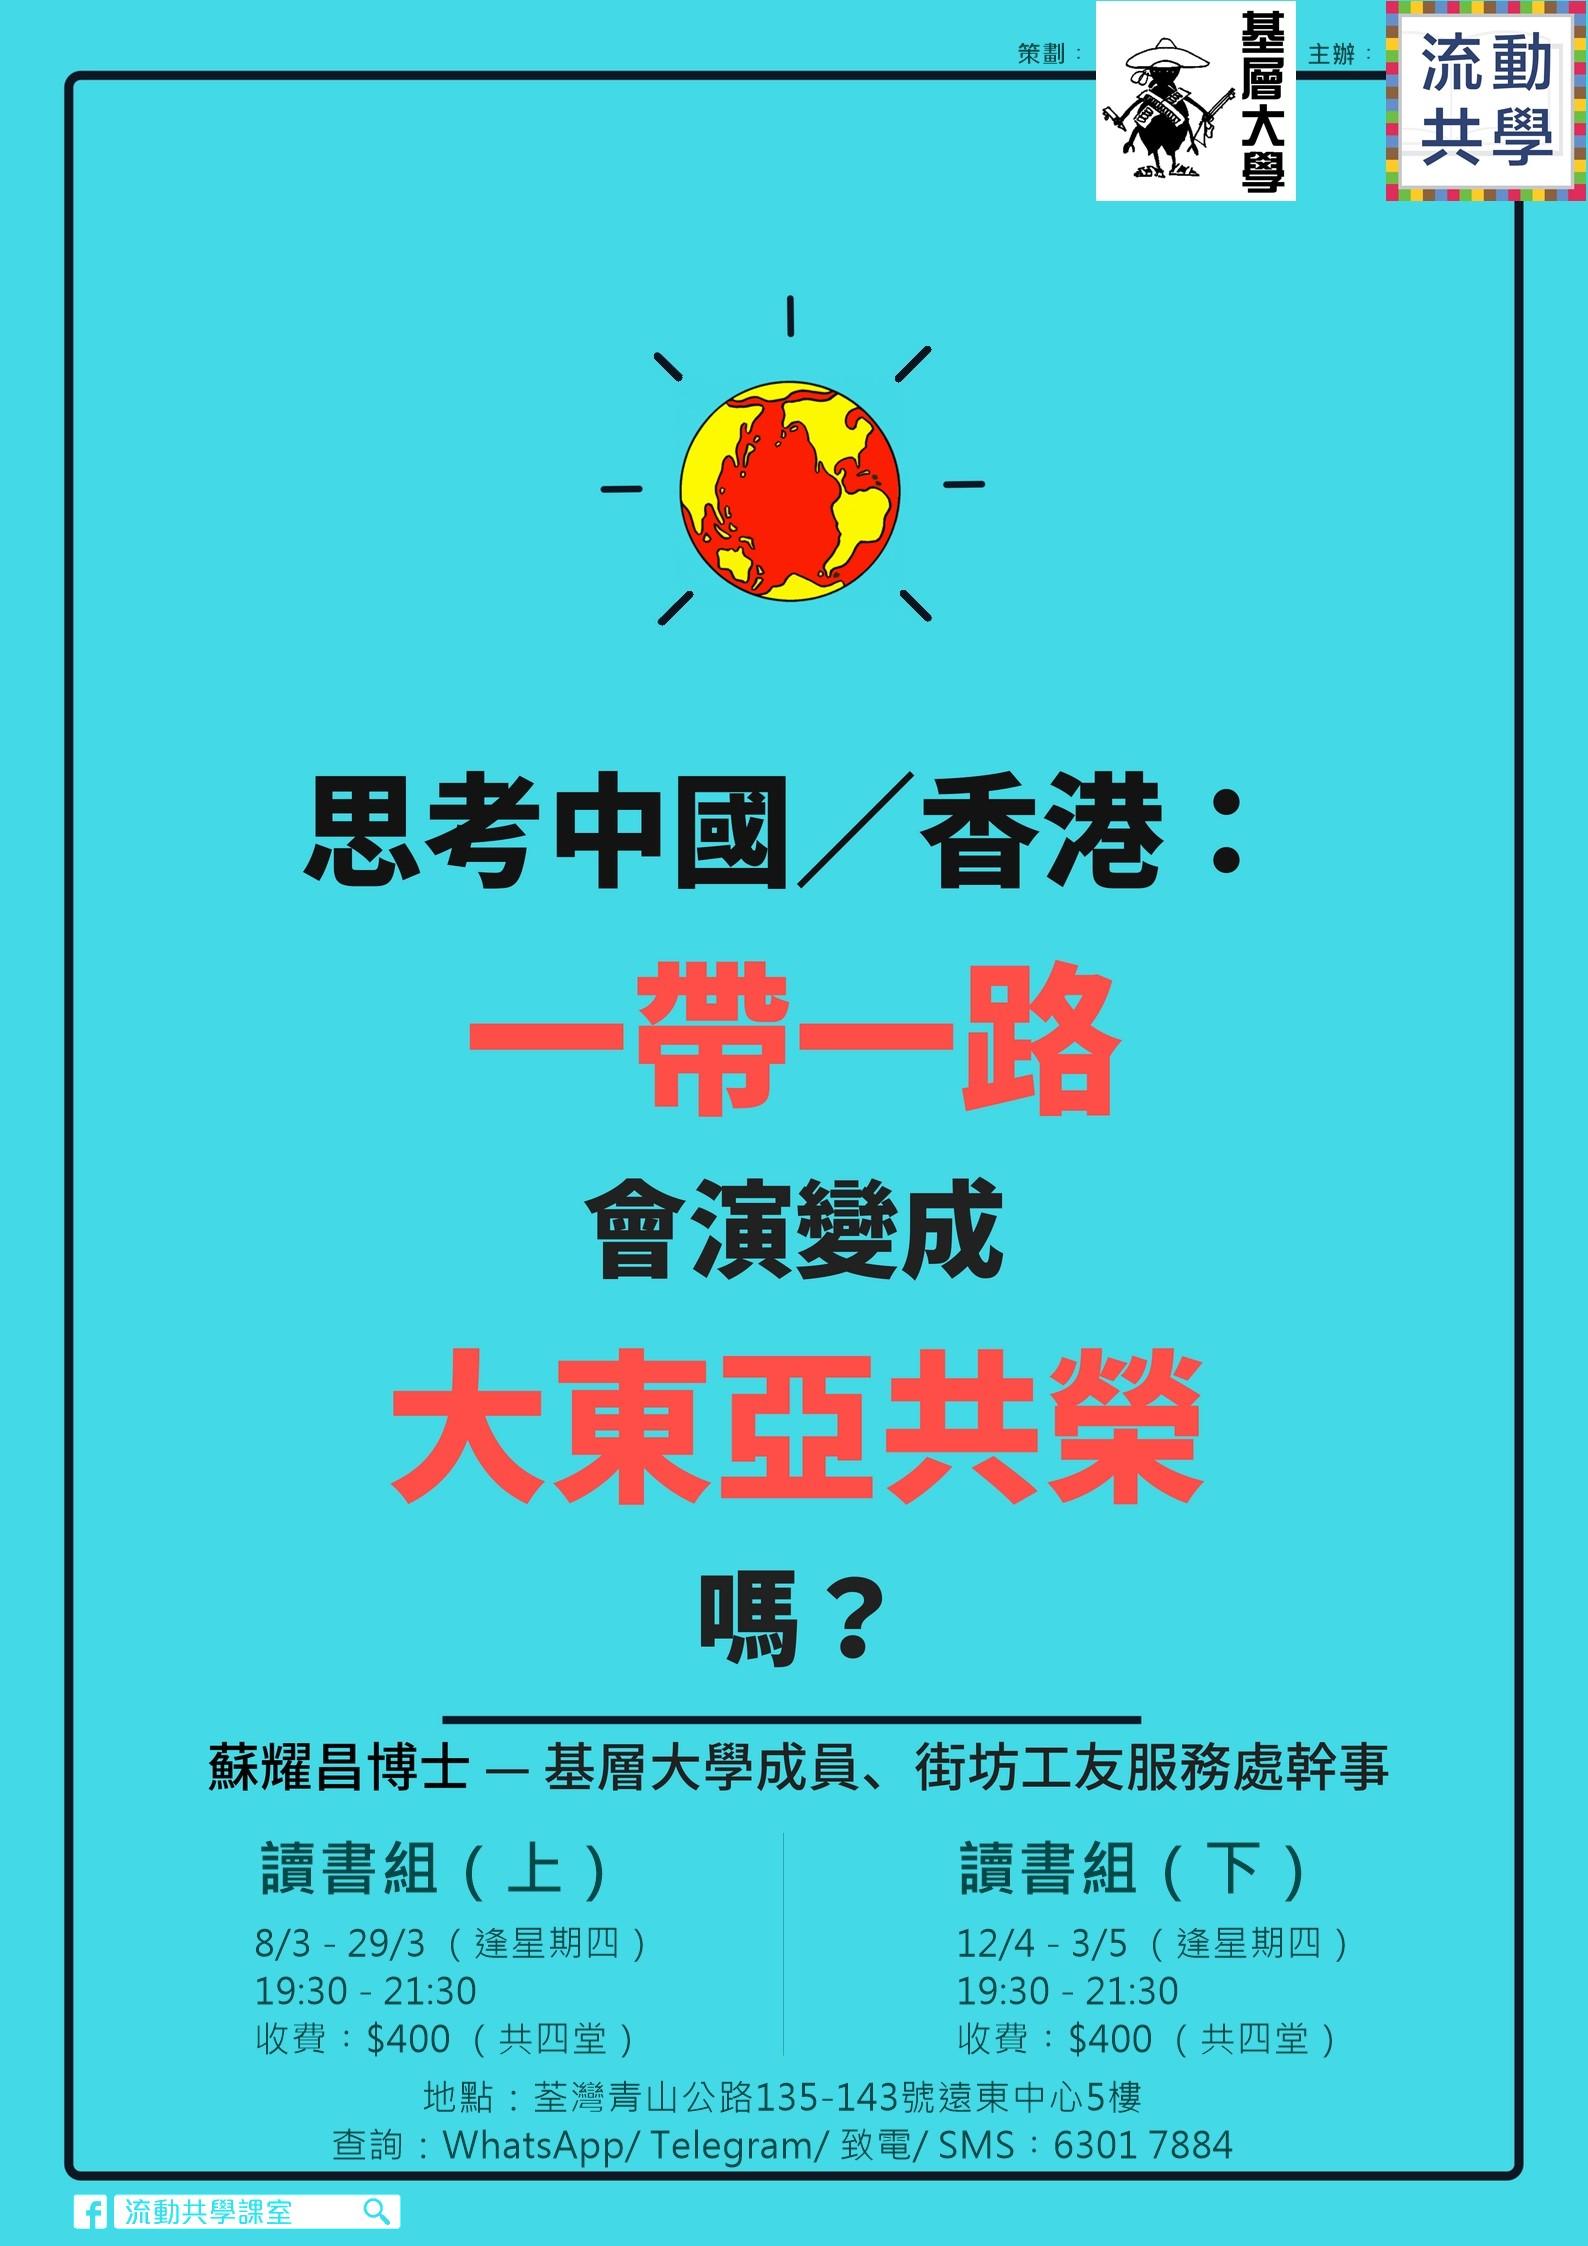 流動共學主辦;基層大學策劃-- 『思考中國/香港:「一帶一路」會演變成「大東亞共榮」 嗎?』讀書組(上)